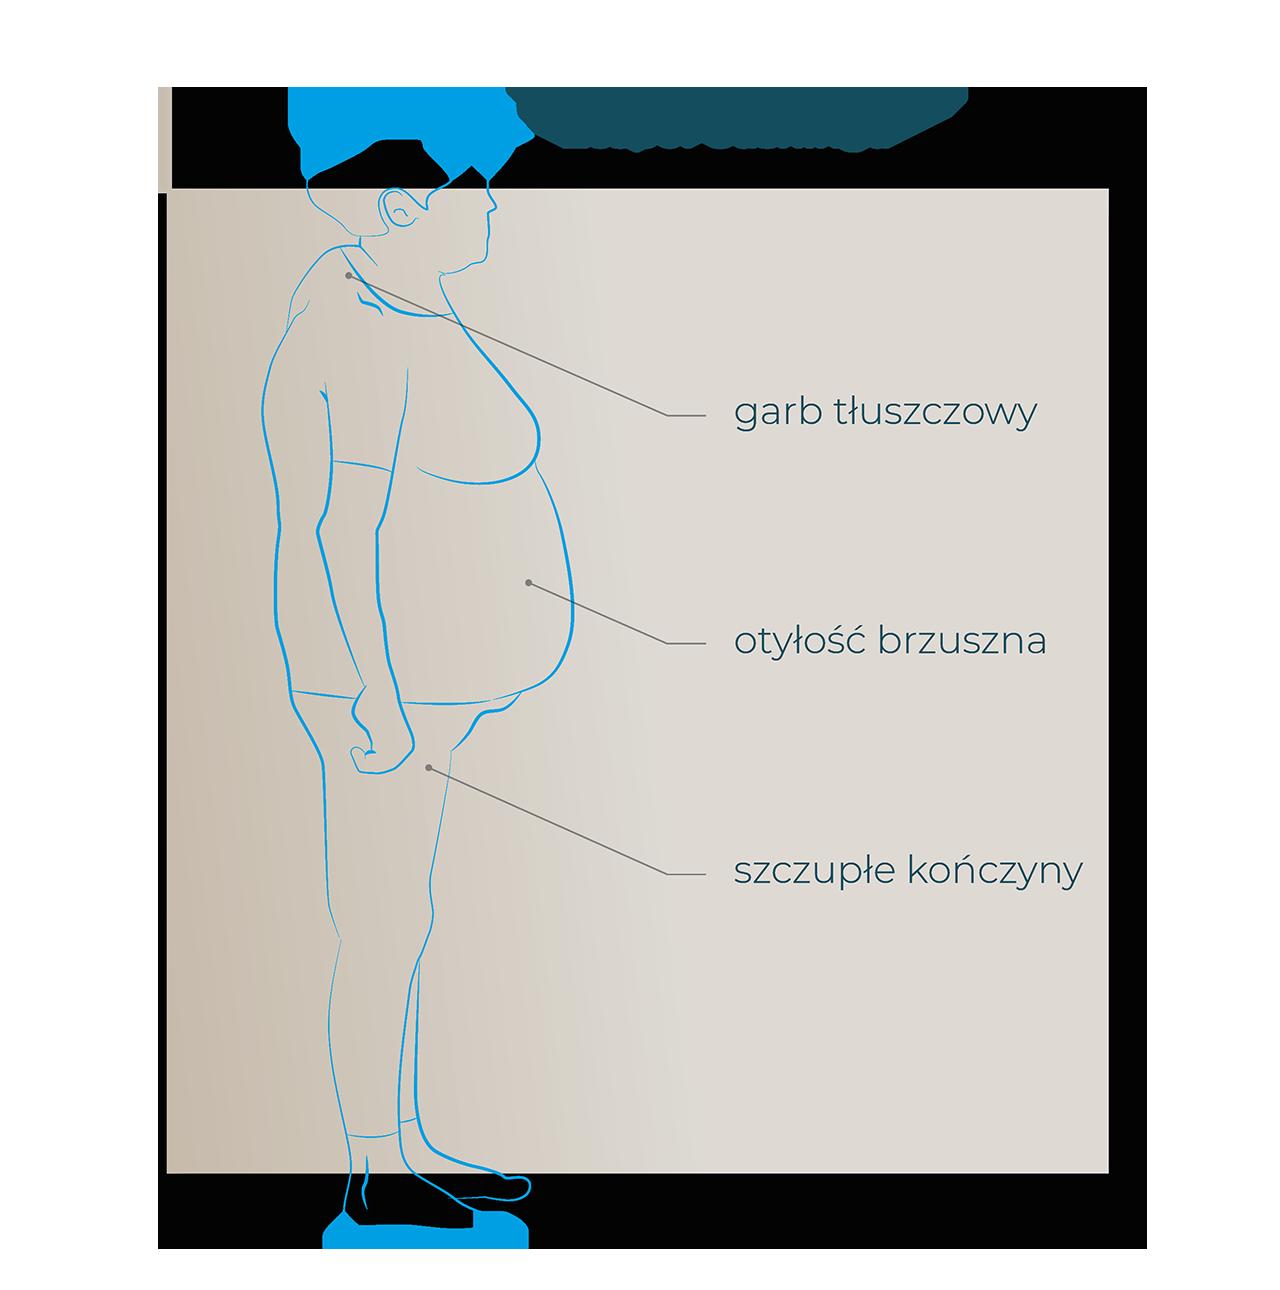 zespół cushinga - garb tluszczowy hormony